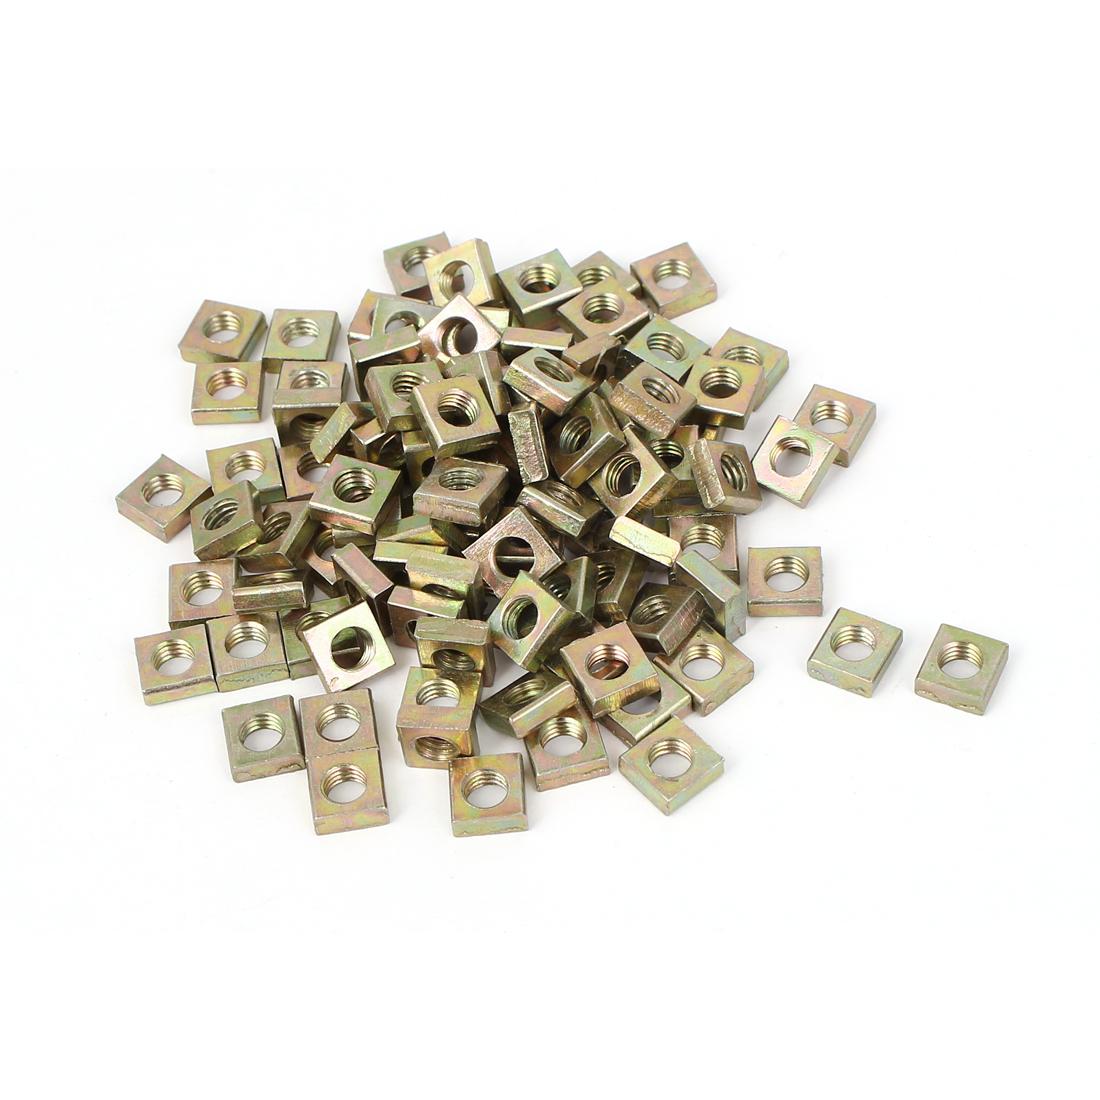 M5x8x3mm Yellow Zinc Plated Square Machine Screw Nuts Fastener 100pcs